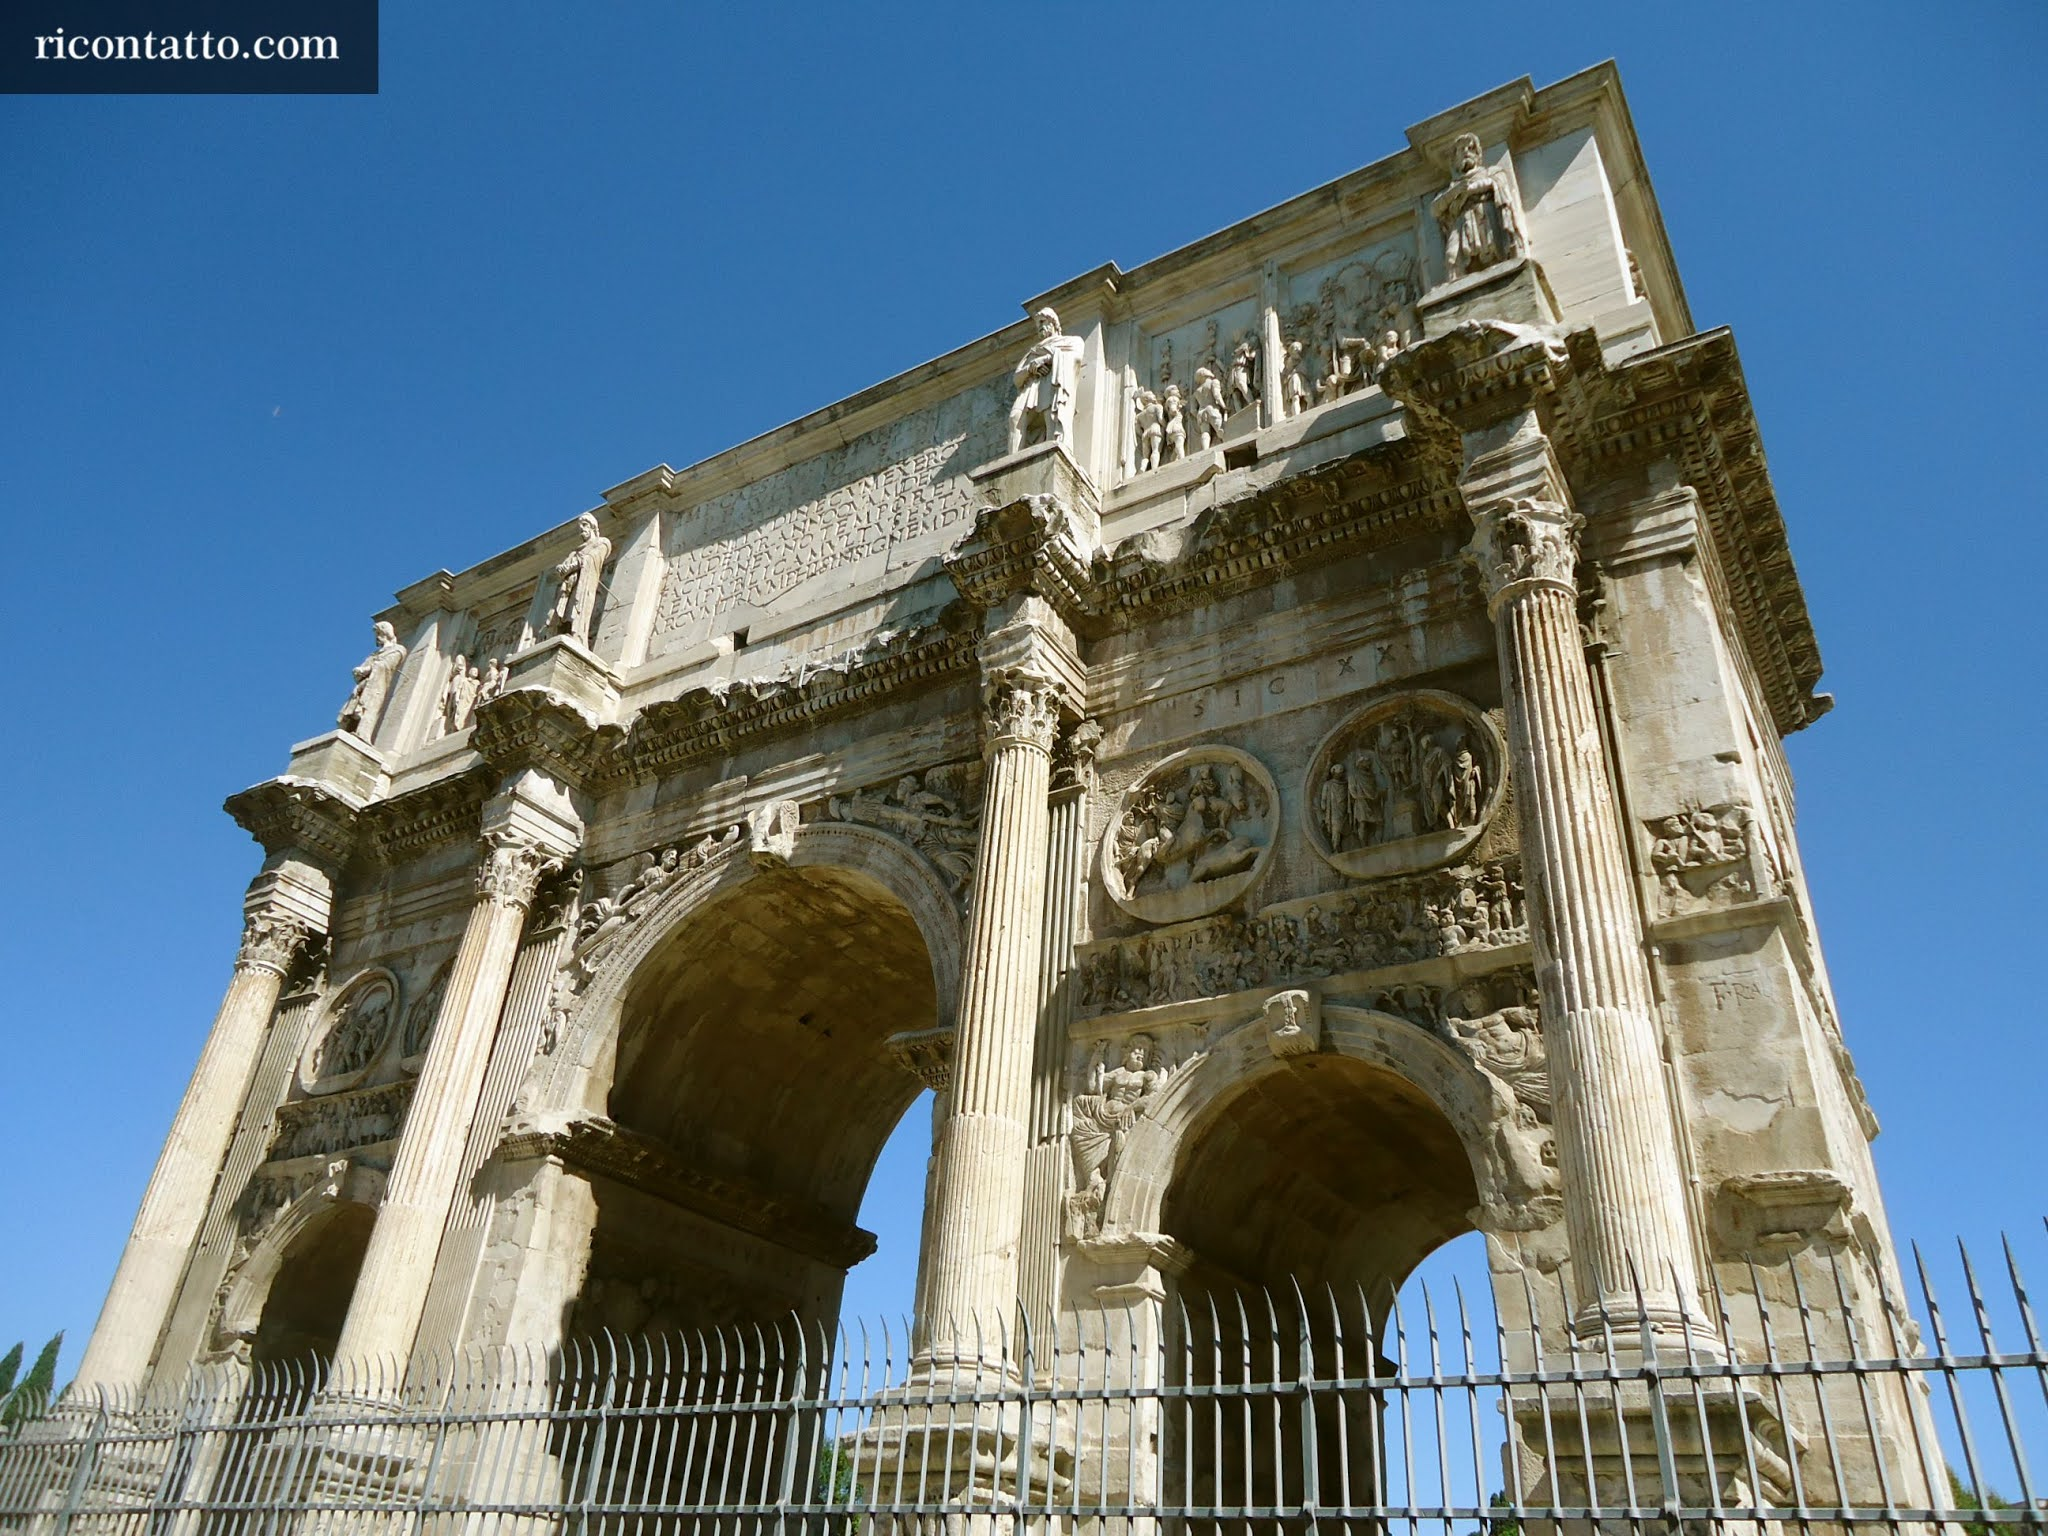 Roma, Lazio, Italy - Photo #10 by Ricontatto.com